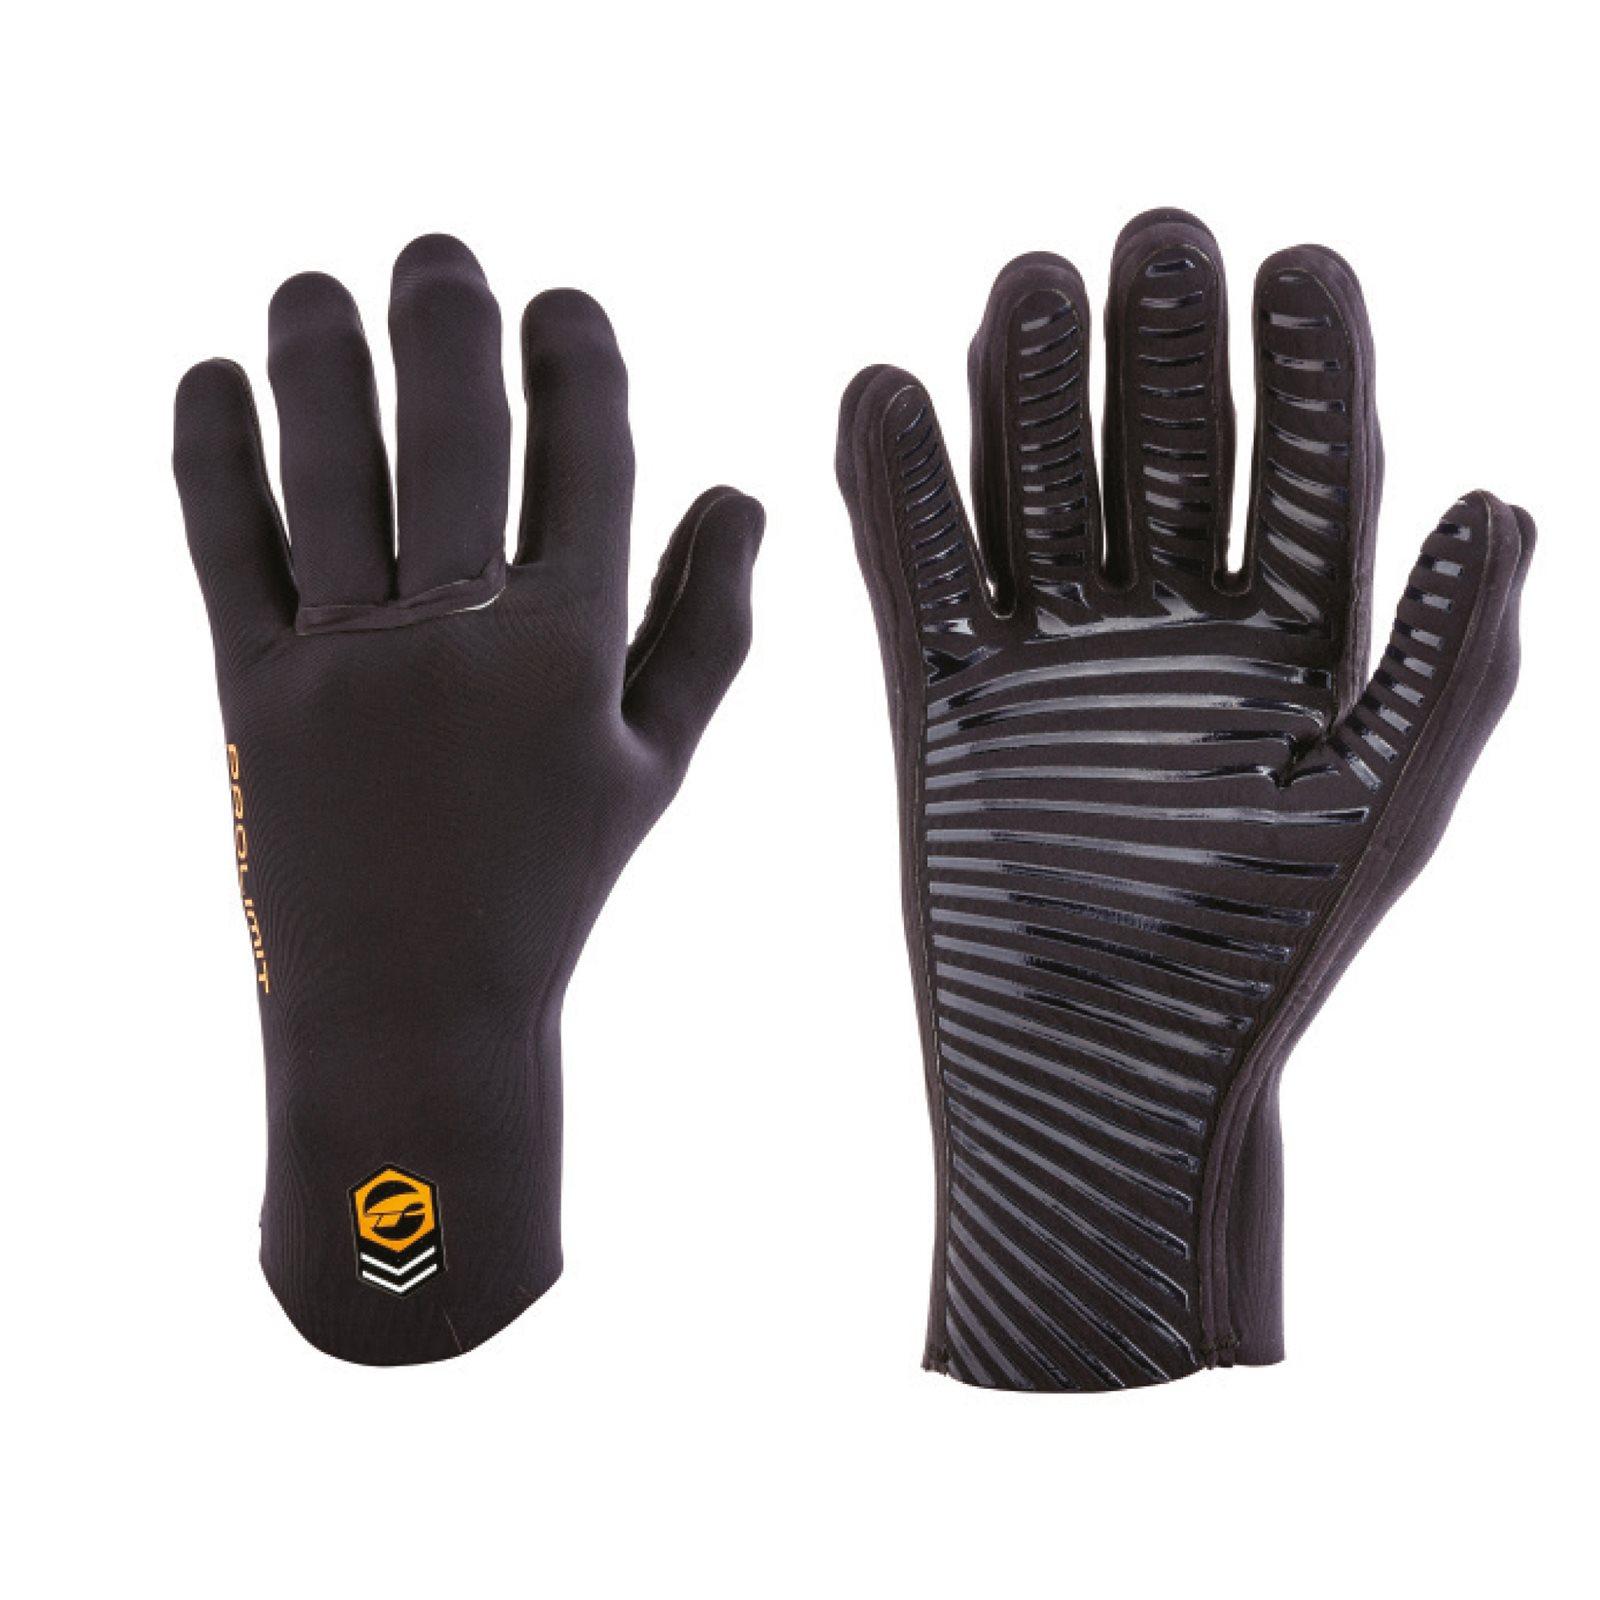 rukavice Prolimit 2mm Elasto Sealed - S